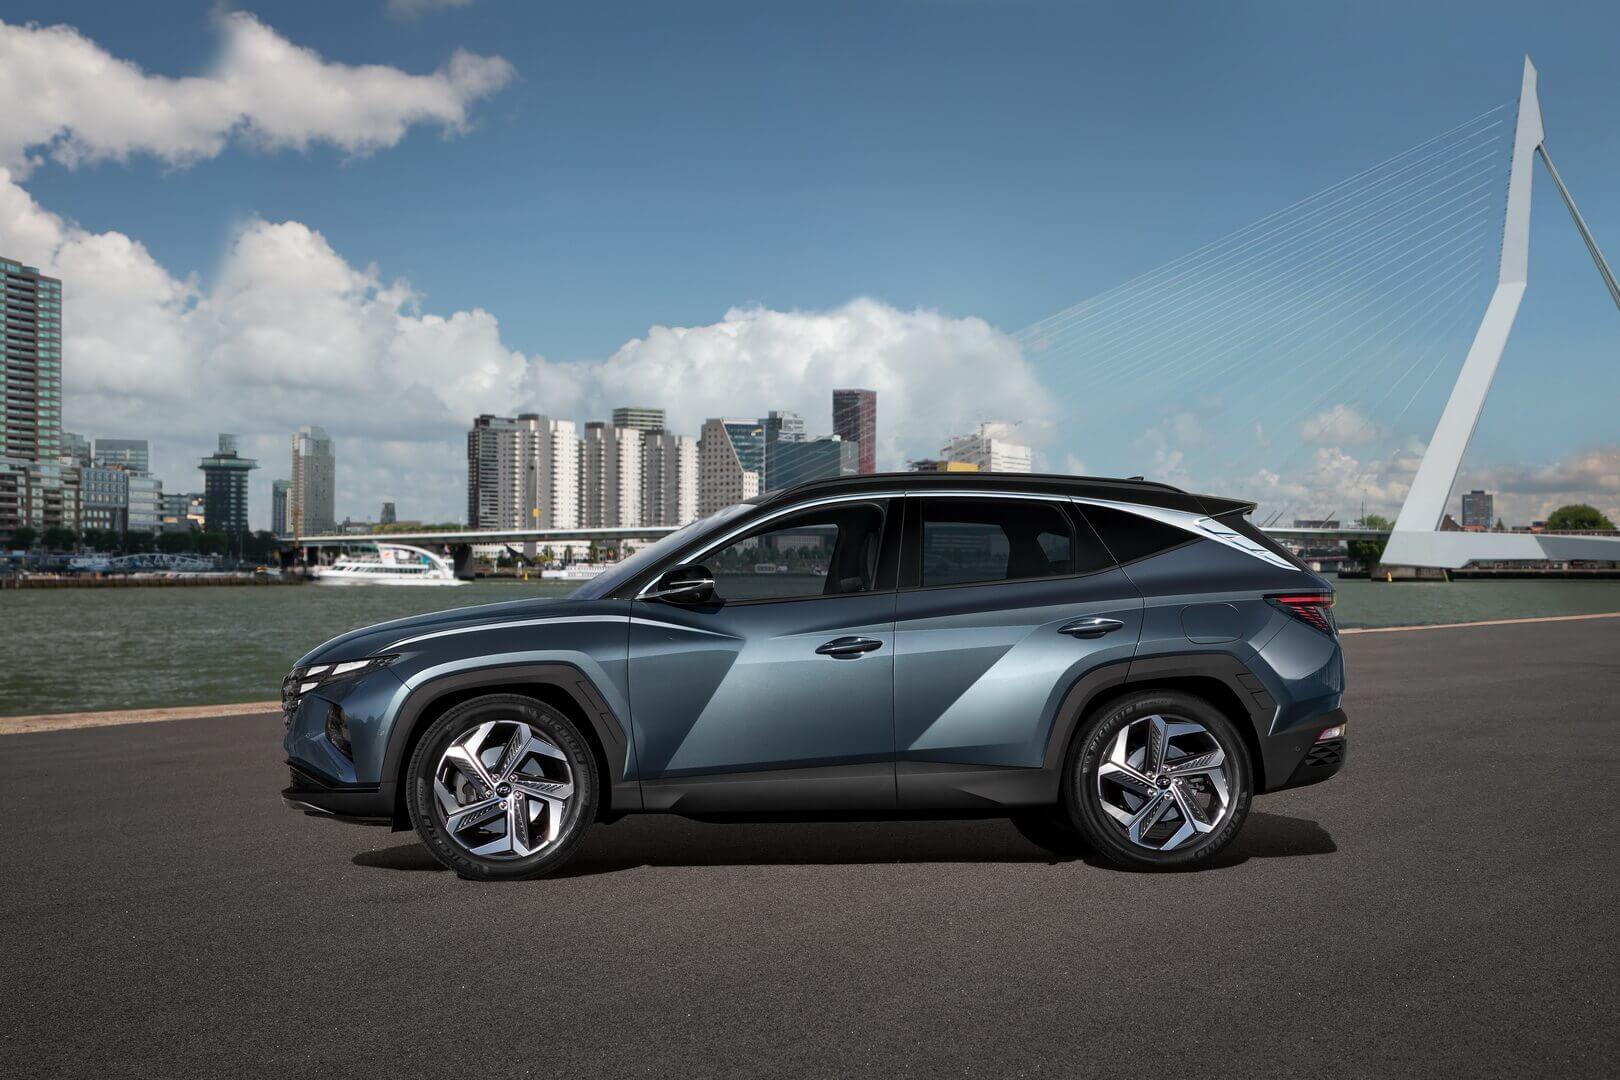 Компанія Hyundai Motor представила абсолютно новий Hyundai Tucson четвертого покоління